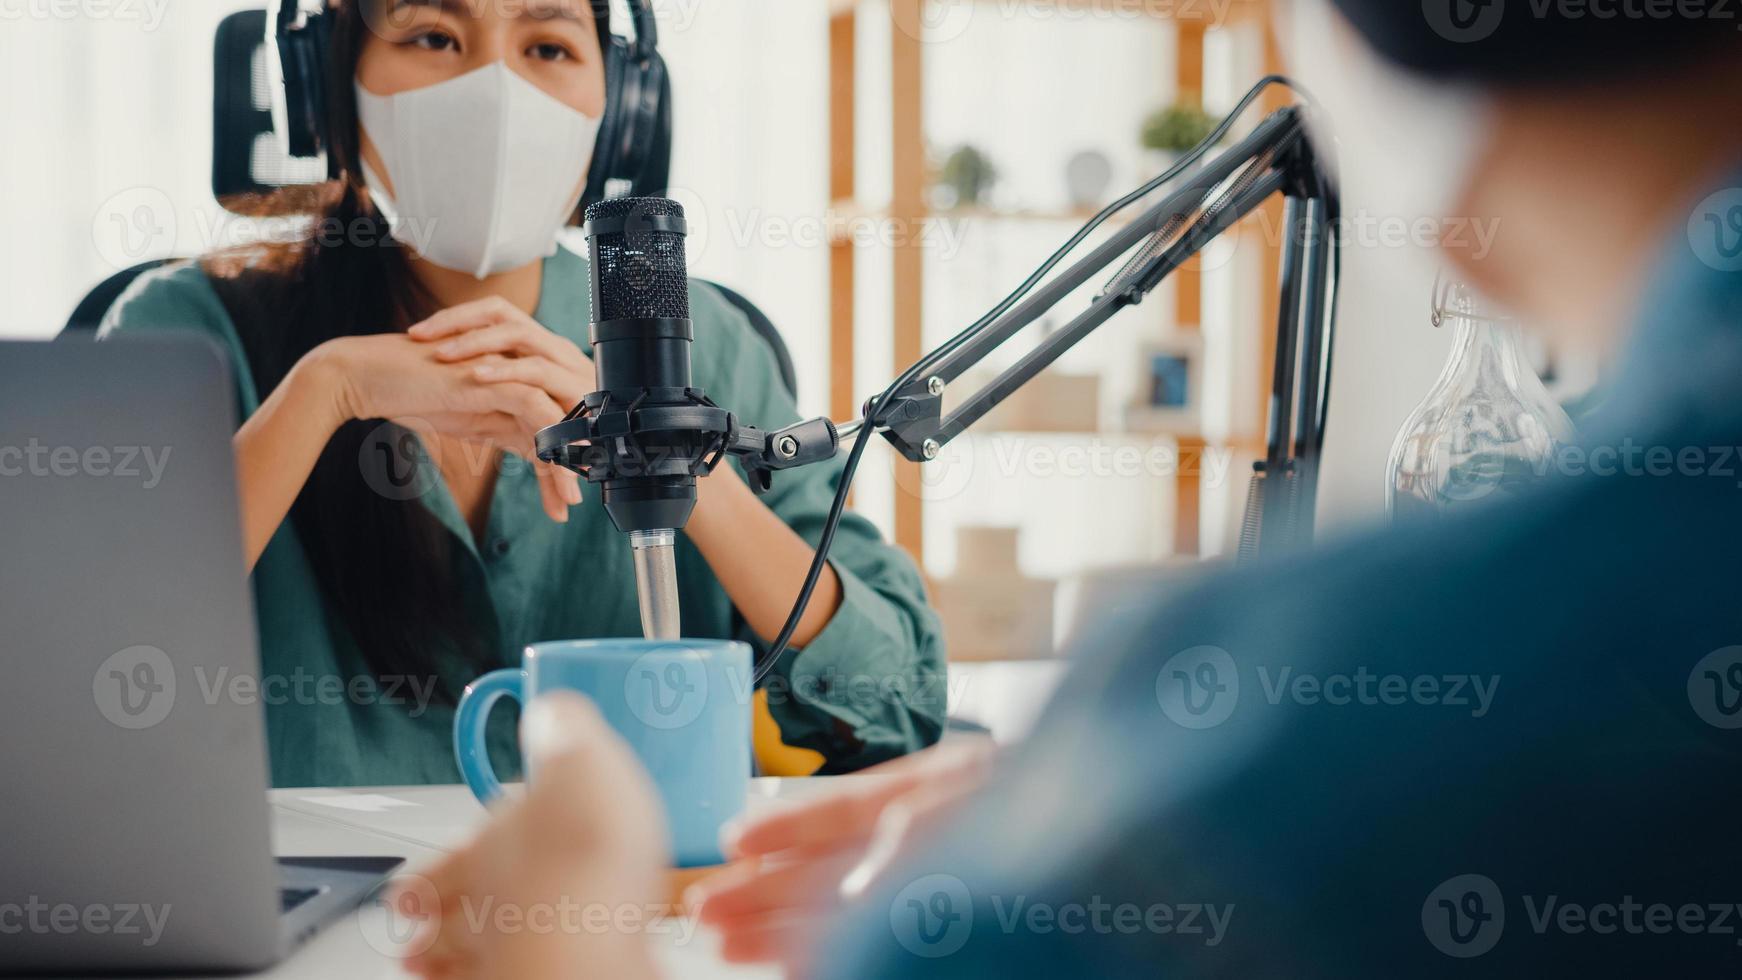 asien tjej radio värd spela in podcast använda mikrofon ha på sig hörlurar intervju gästinnehåll bära mask skydda viruskonversation prata och lyssna i hennes rum. podcast hemifrån, coronavirus -karantän. foto